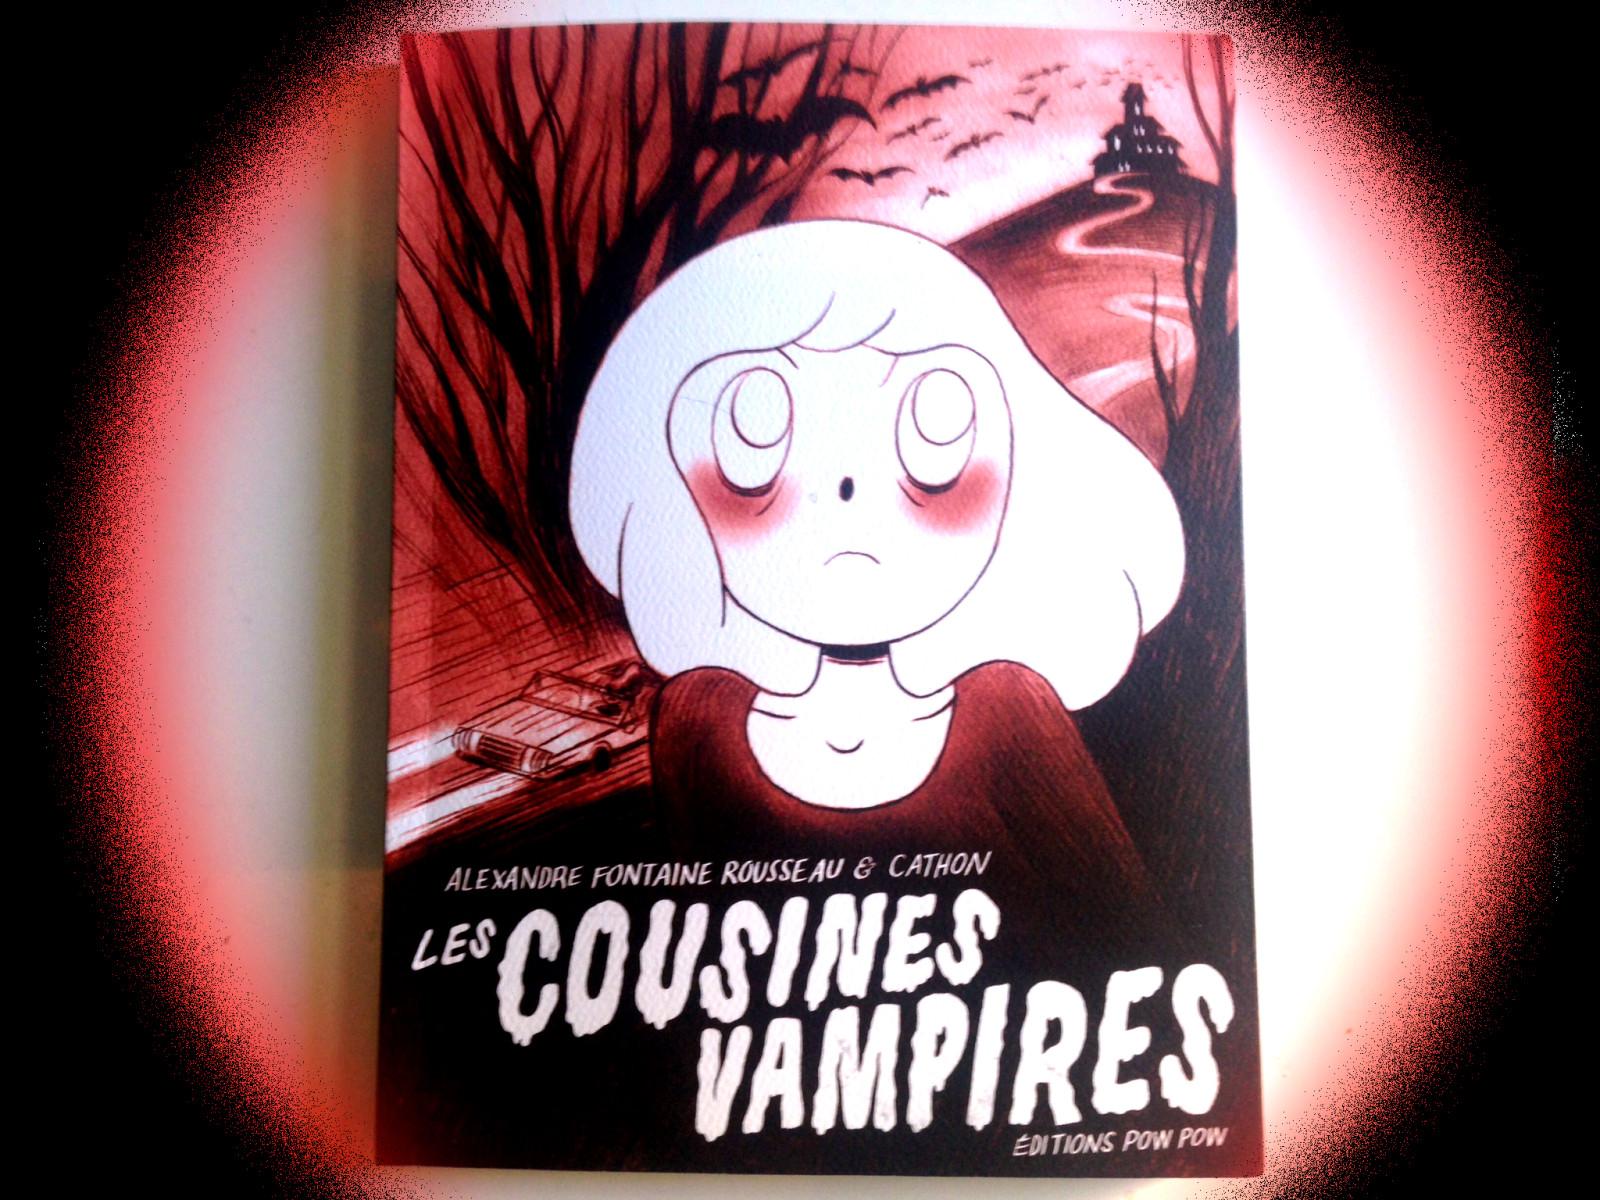 Les cousines vampires : Une BDpleine de bon sang